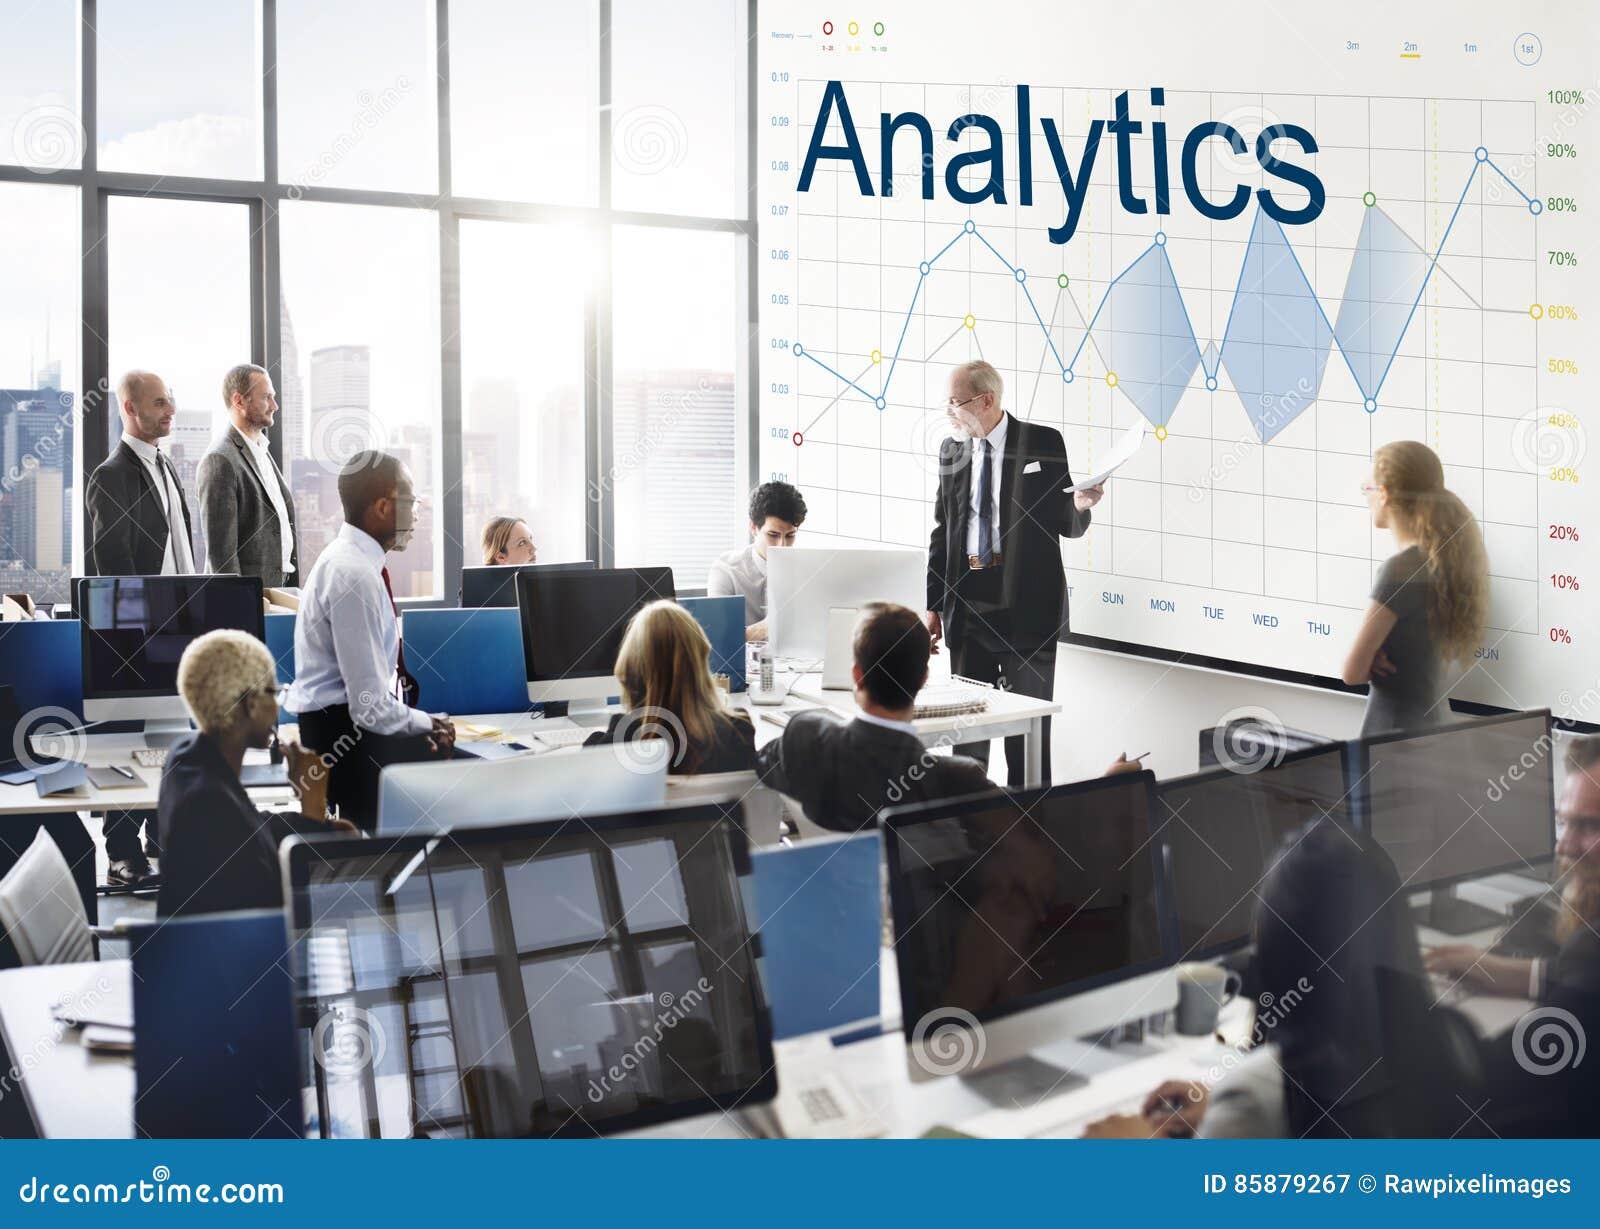 Divulgue el concepto de la carta del progreso del análisis